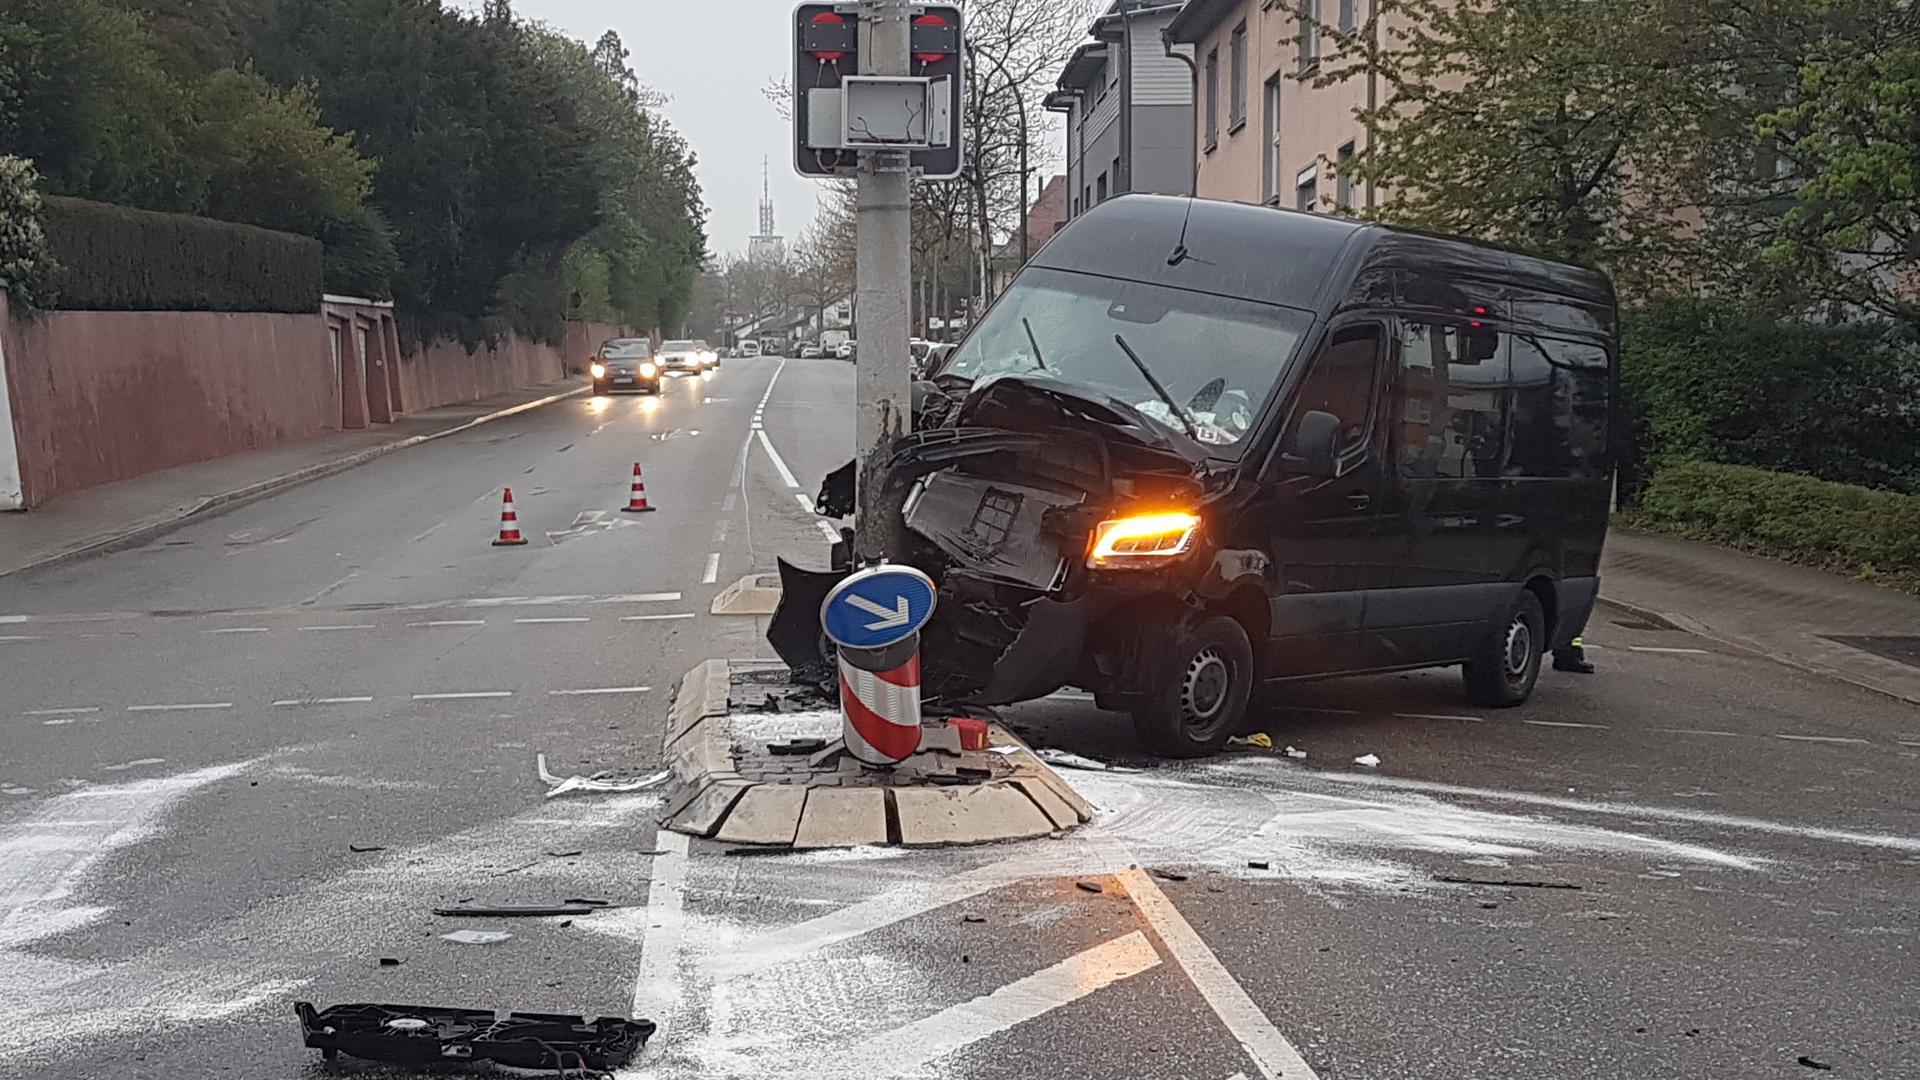 Am Samstagabend hat sich in Pforzheim ein Unfall ereignet. Laut Informationen der Polizei übersah ein Auto eines Lieferdienstes beim Wechsel des Fahrstreifens einen schwarzen Sprinter.Der Sprinter wich aus und prallte gegen eine Laterne.